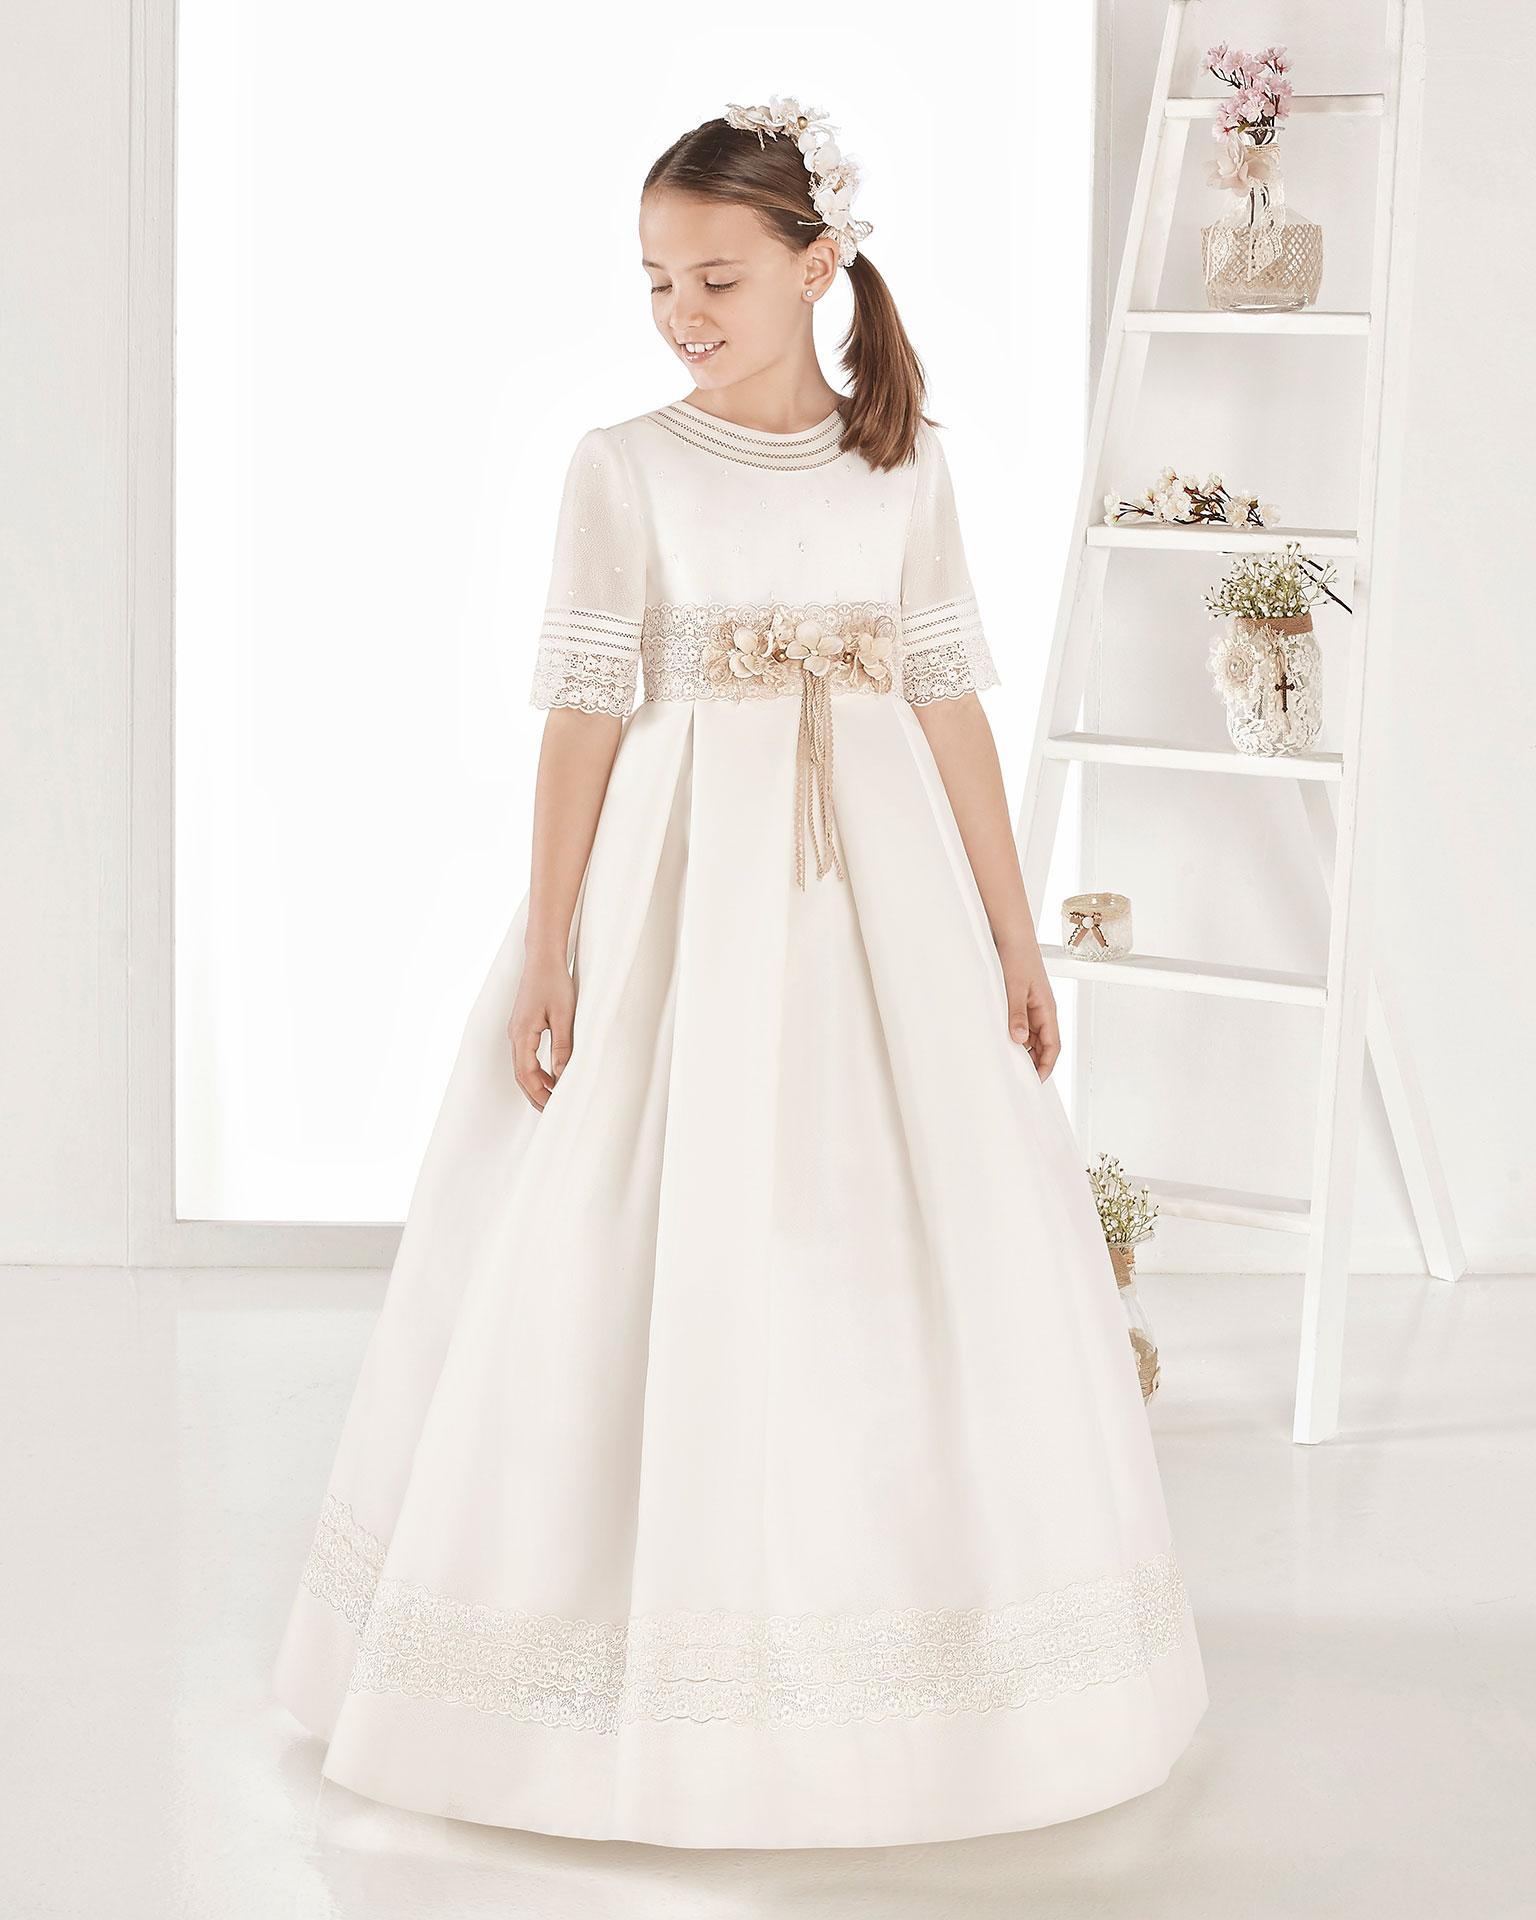 Vestido de primeira comunhão estilo clássico de tecido tipo basketweave. De corte império. Disponível em cor marfim. Coleção AIRE COMUNION 2019.